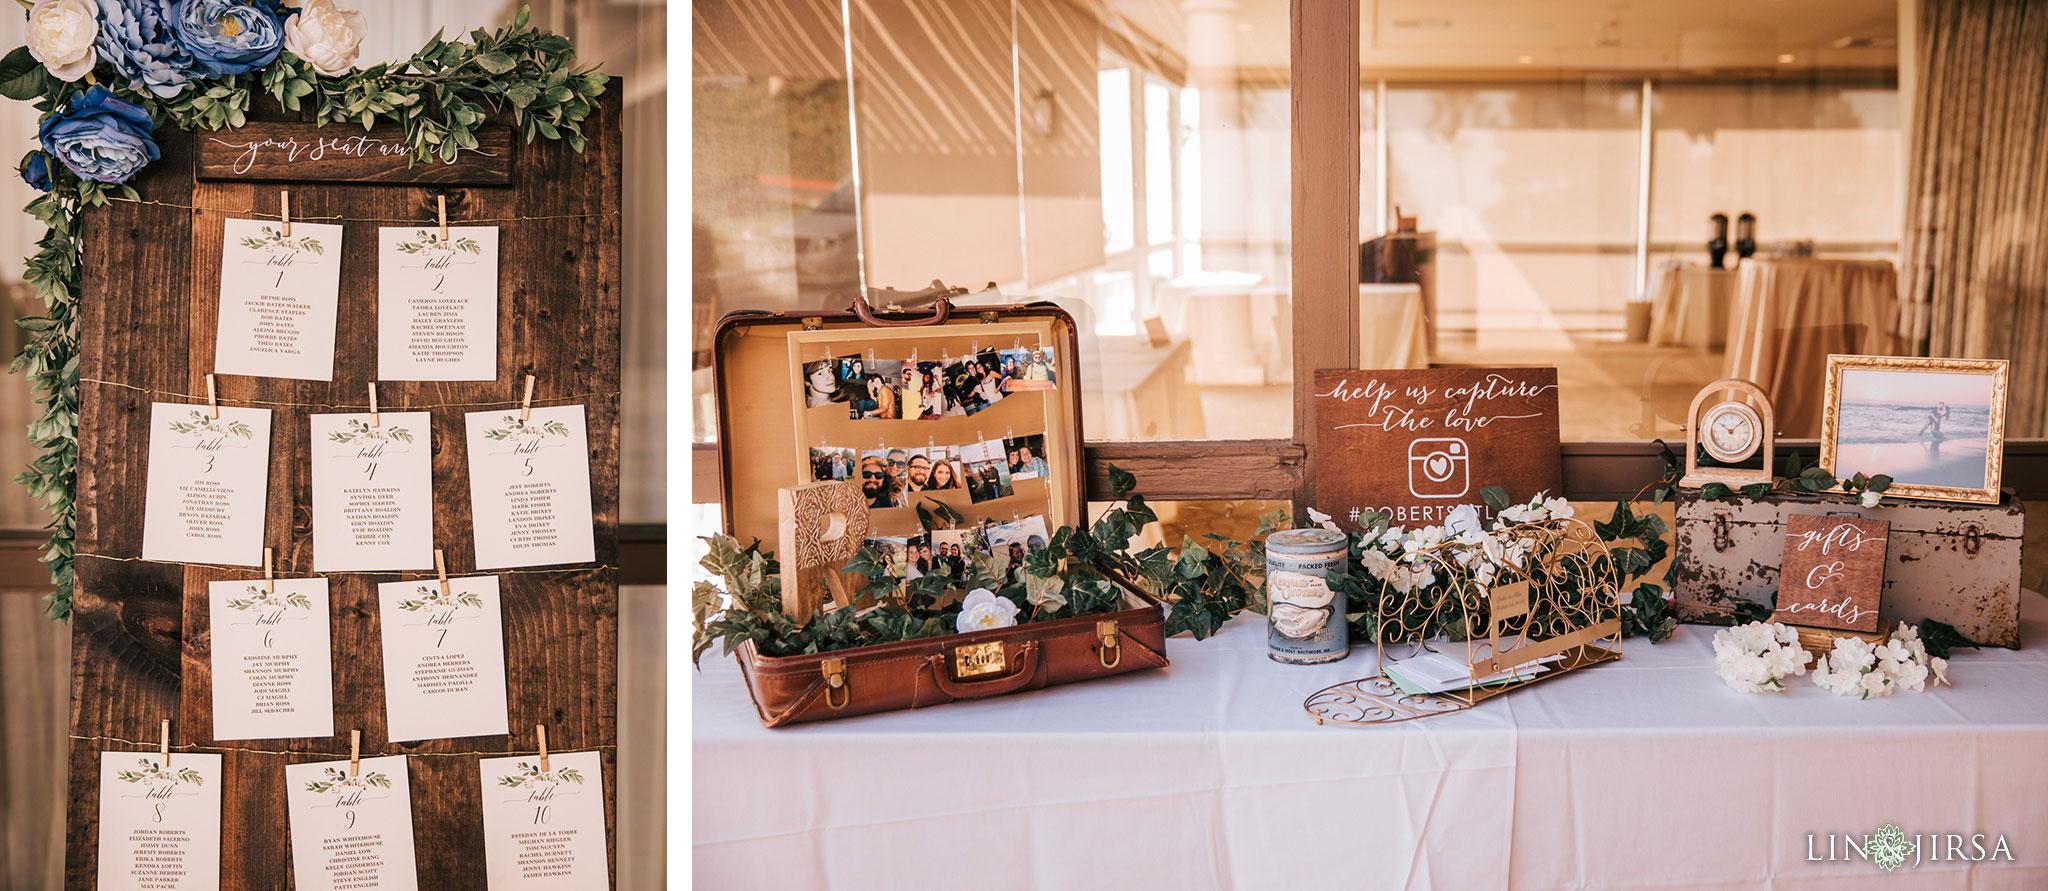 034 los verdes golf course wedding reception photography